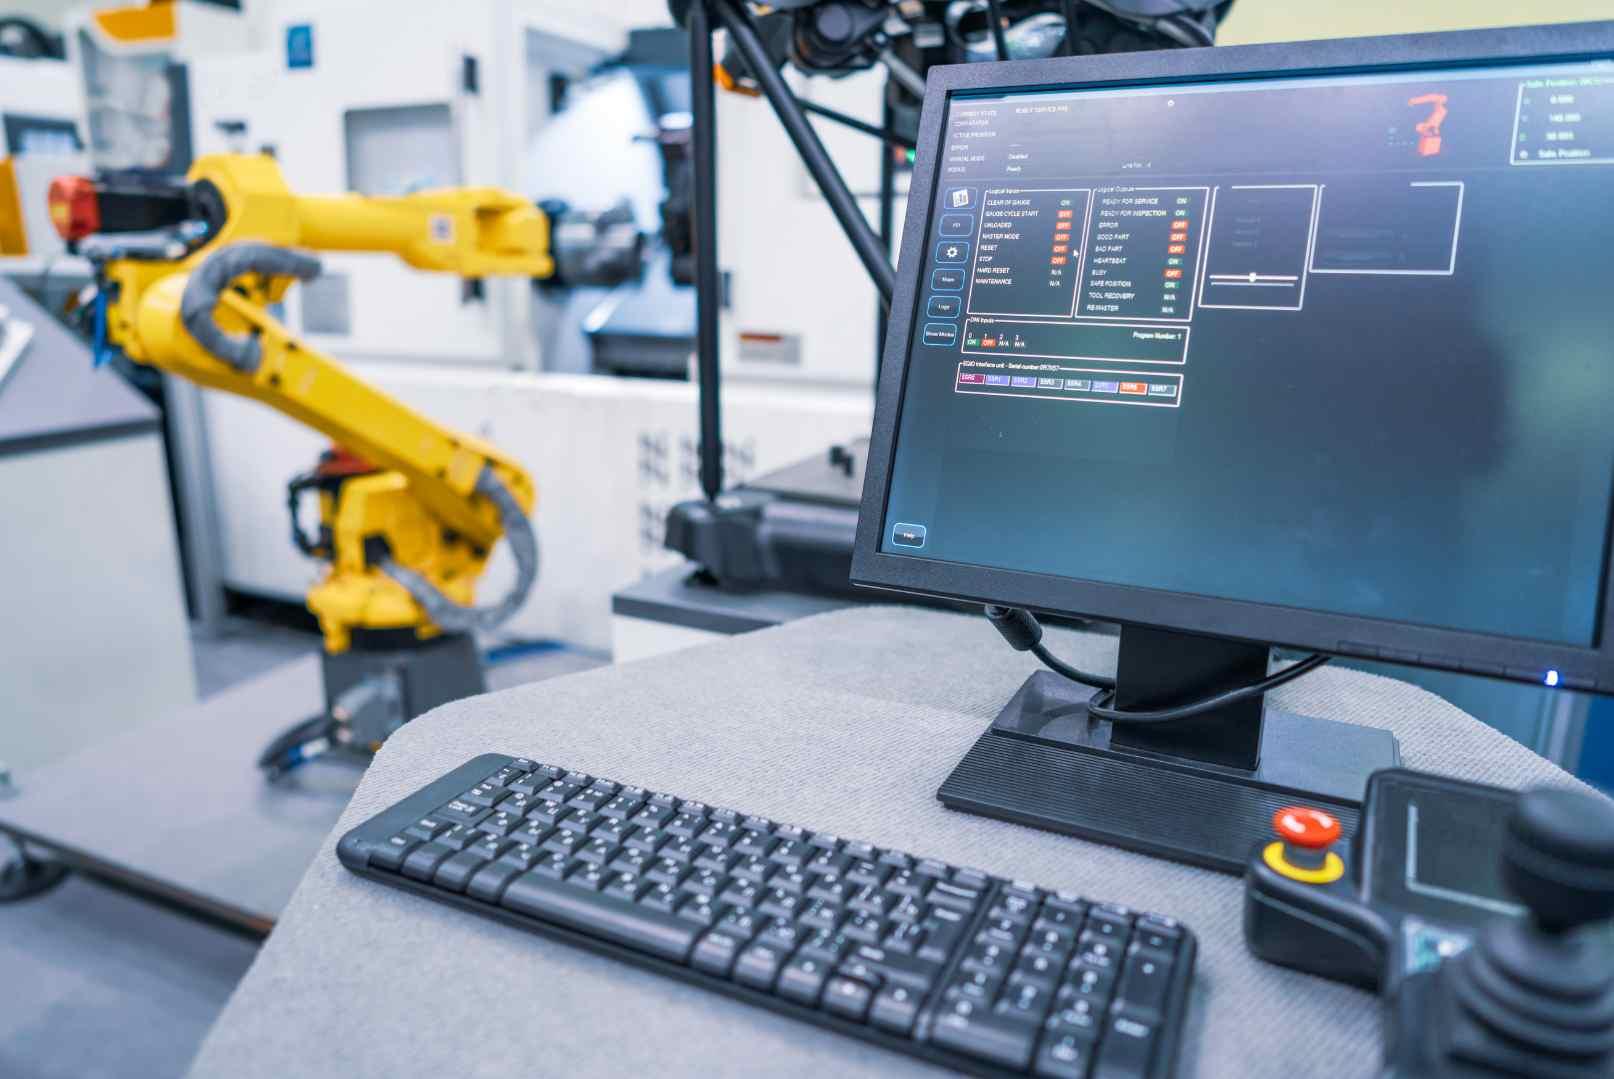 ¿Cómo nos beneficia la automatización?